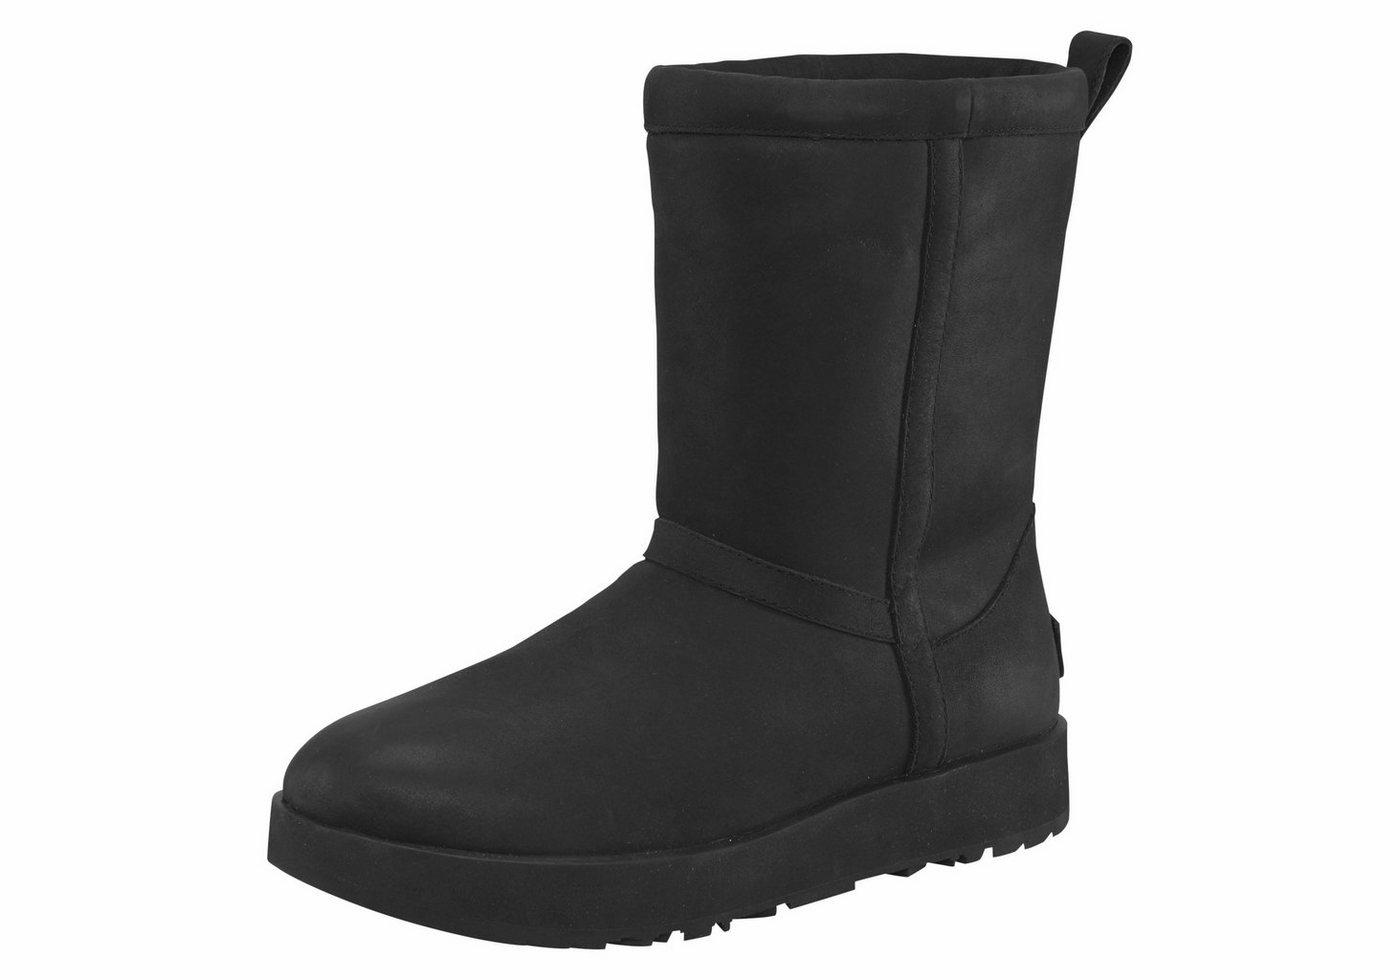 UGG »Classic Short Leather Waterproof« Winterboots in klassischer Form | Schuhe > Stiefel > Winterstiefel | Schwarz | UGG